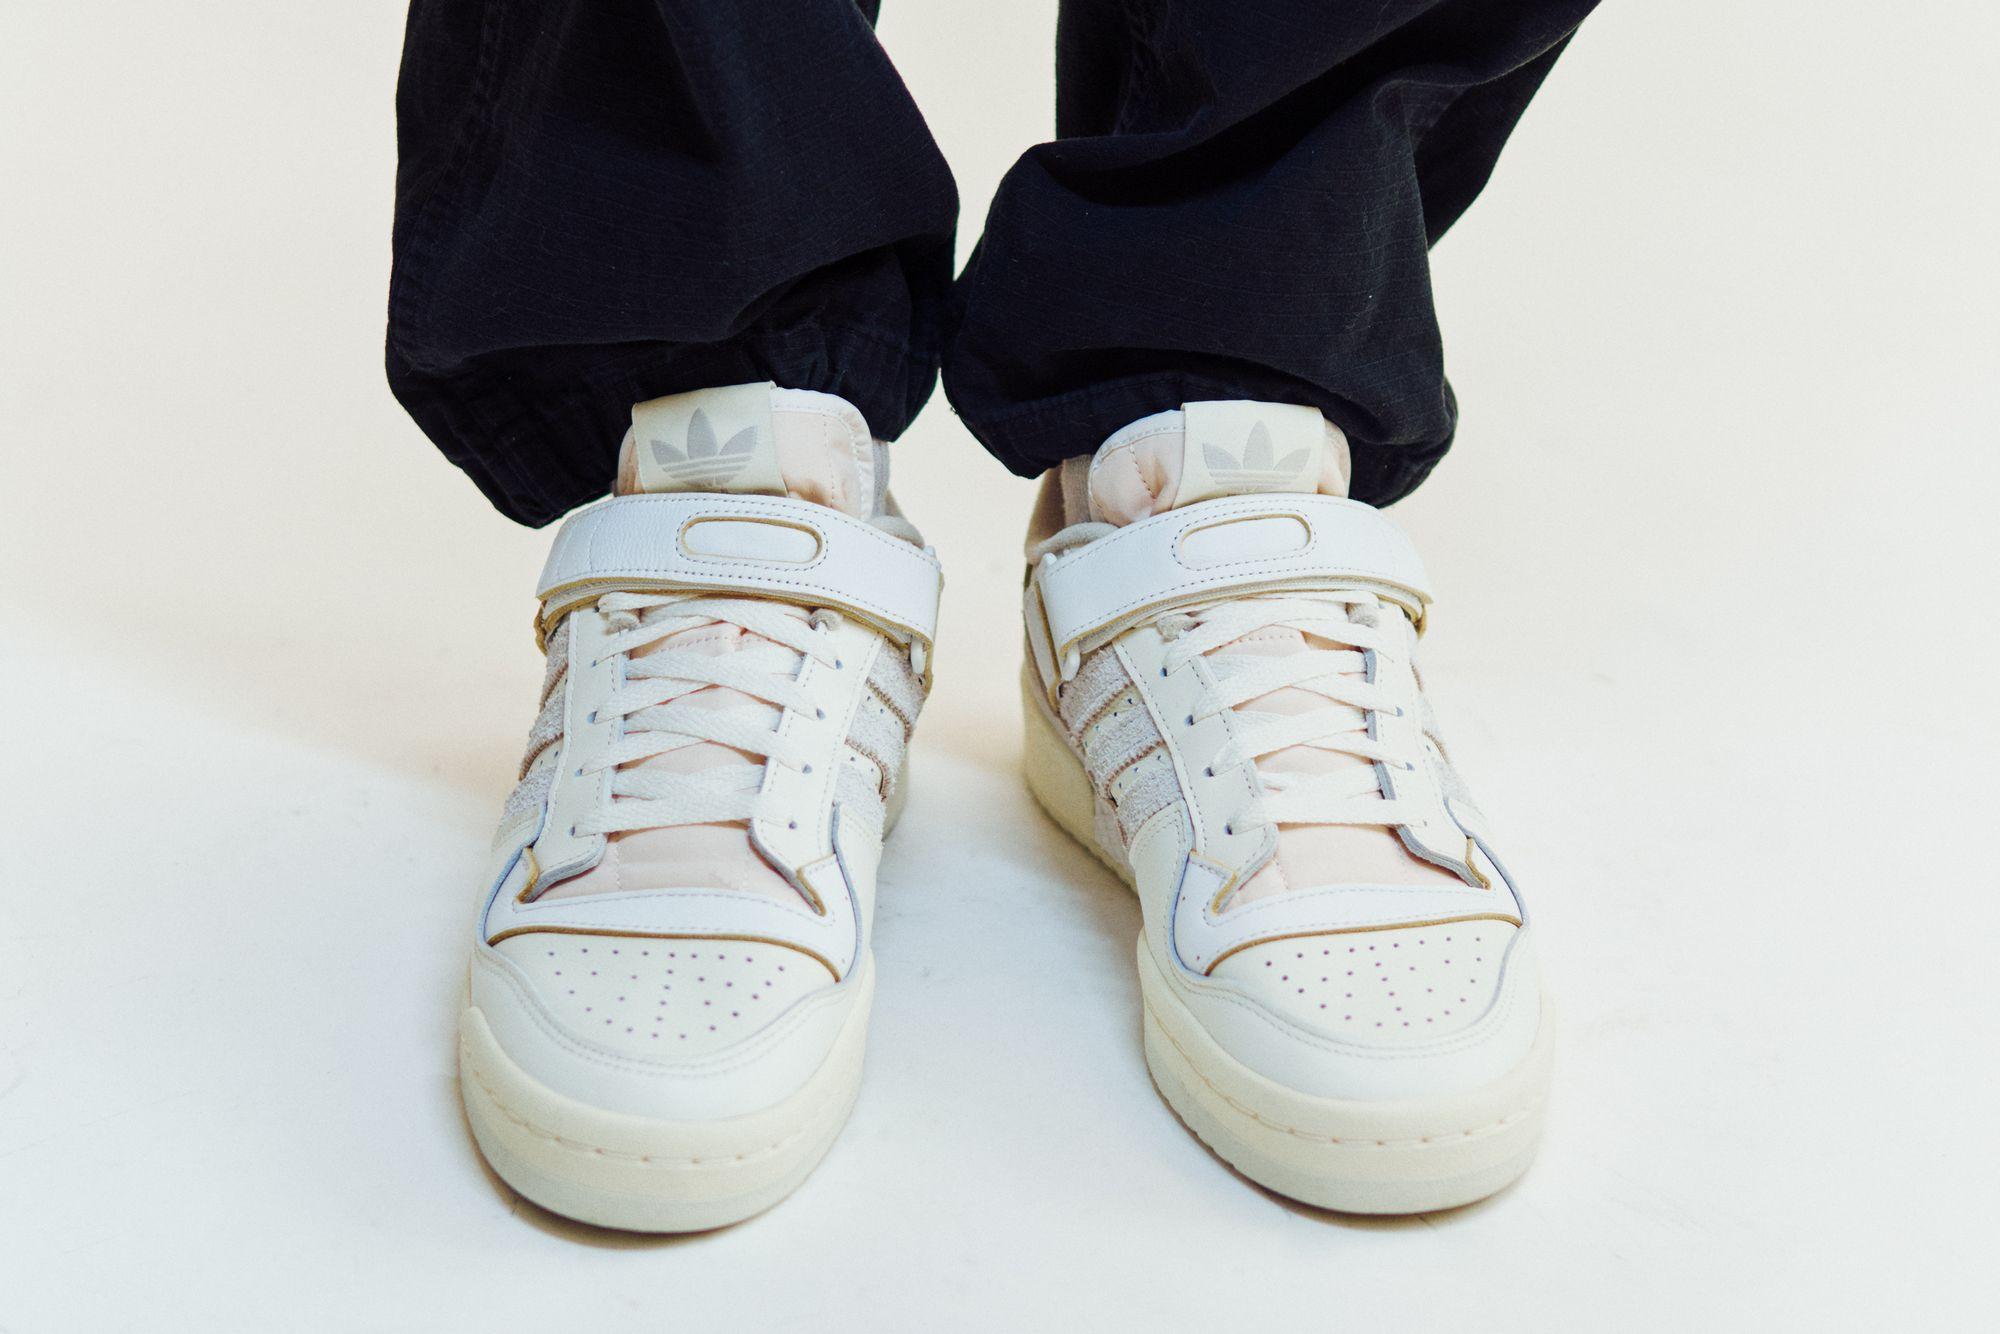 adidas Forum 84 Low - grey one/orbit grey/footwear white - FY4577 on feet